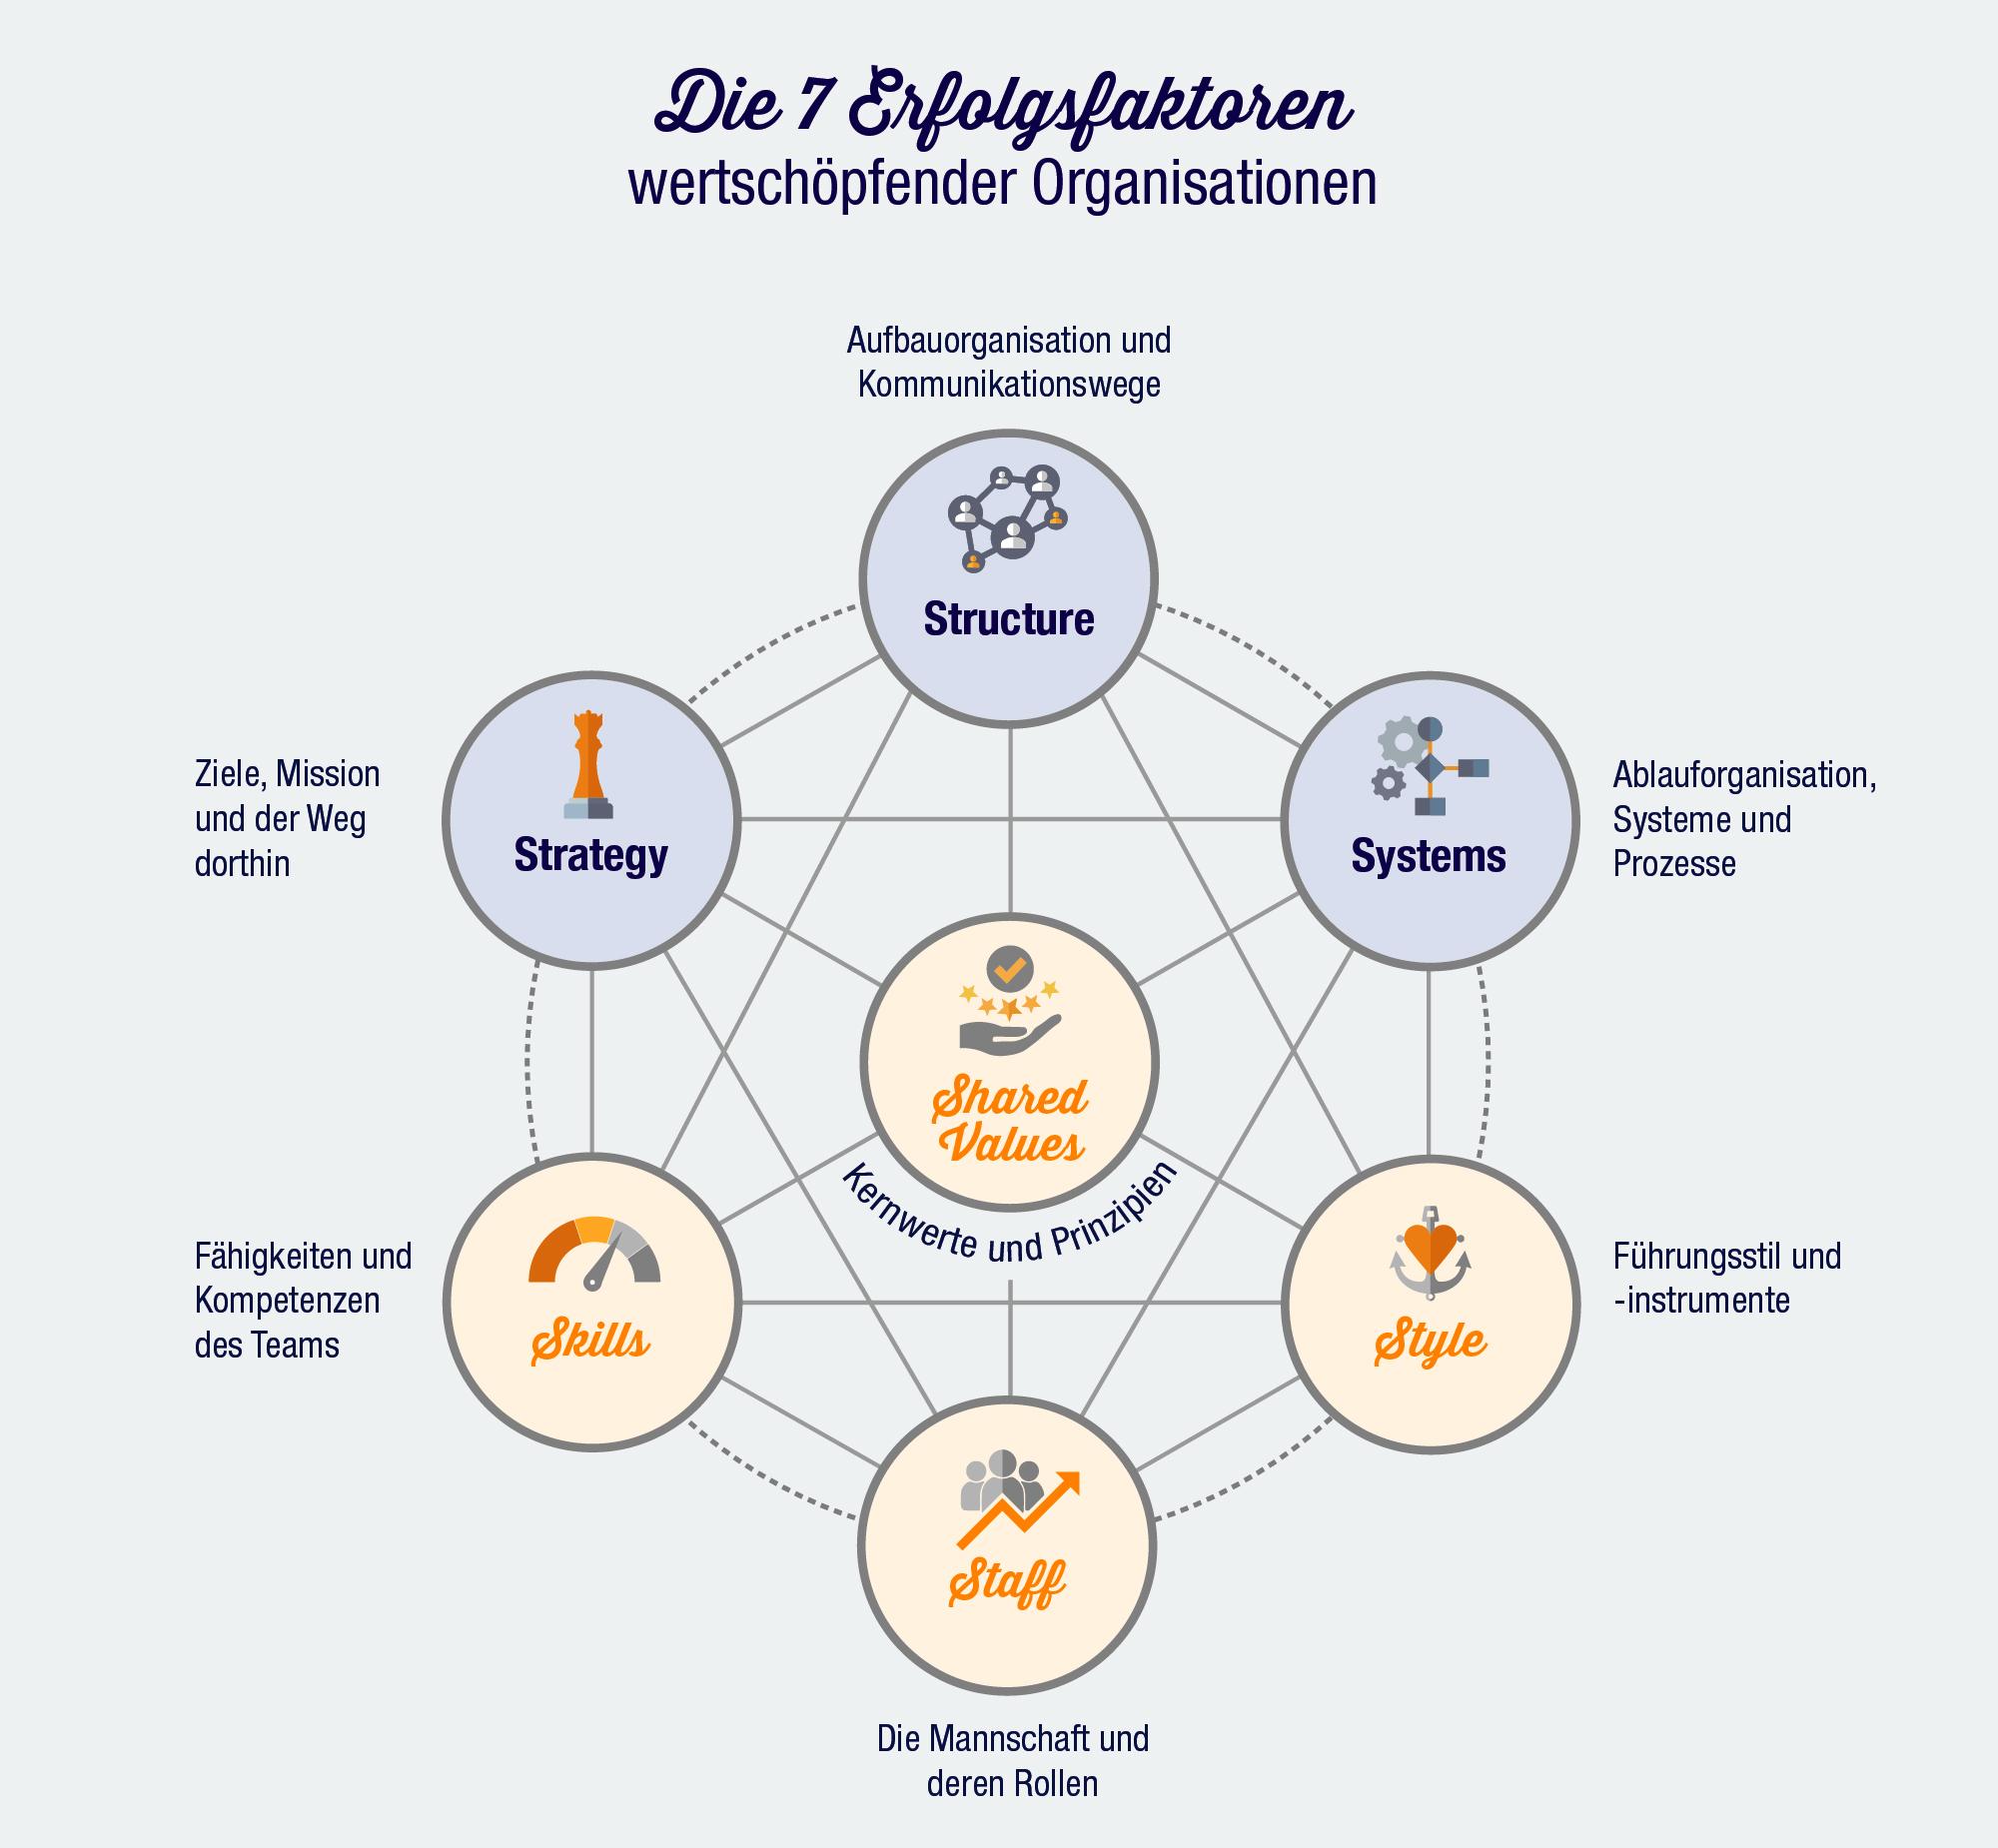 Die 7 Erfolgsfaktoren wertschöpfender Organisationen